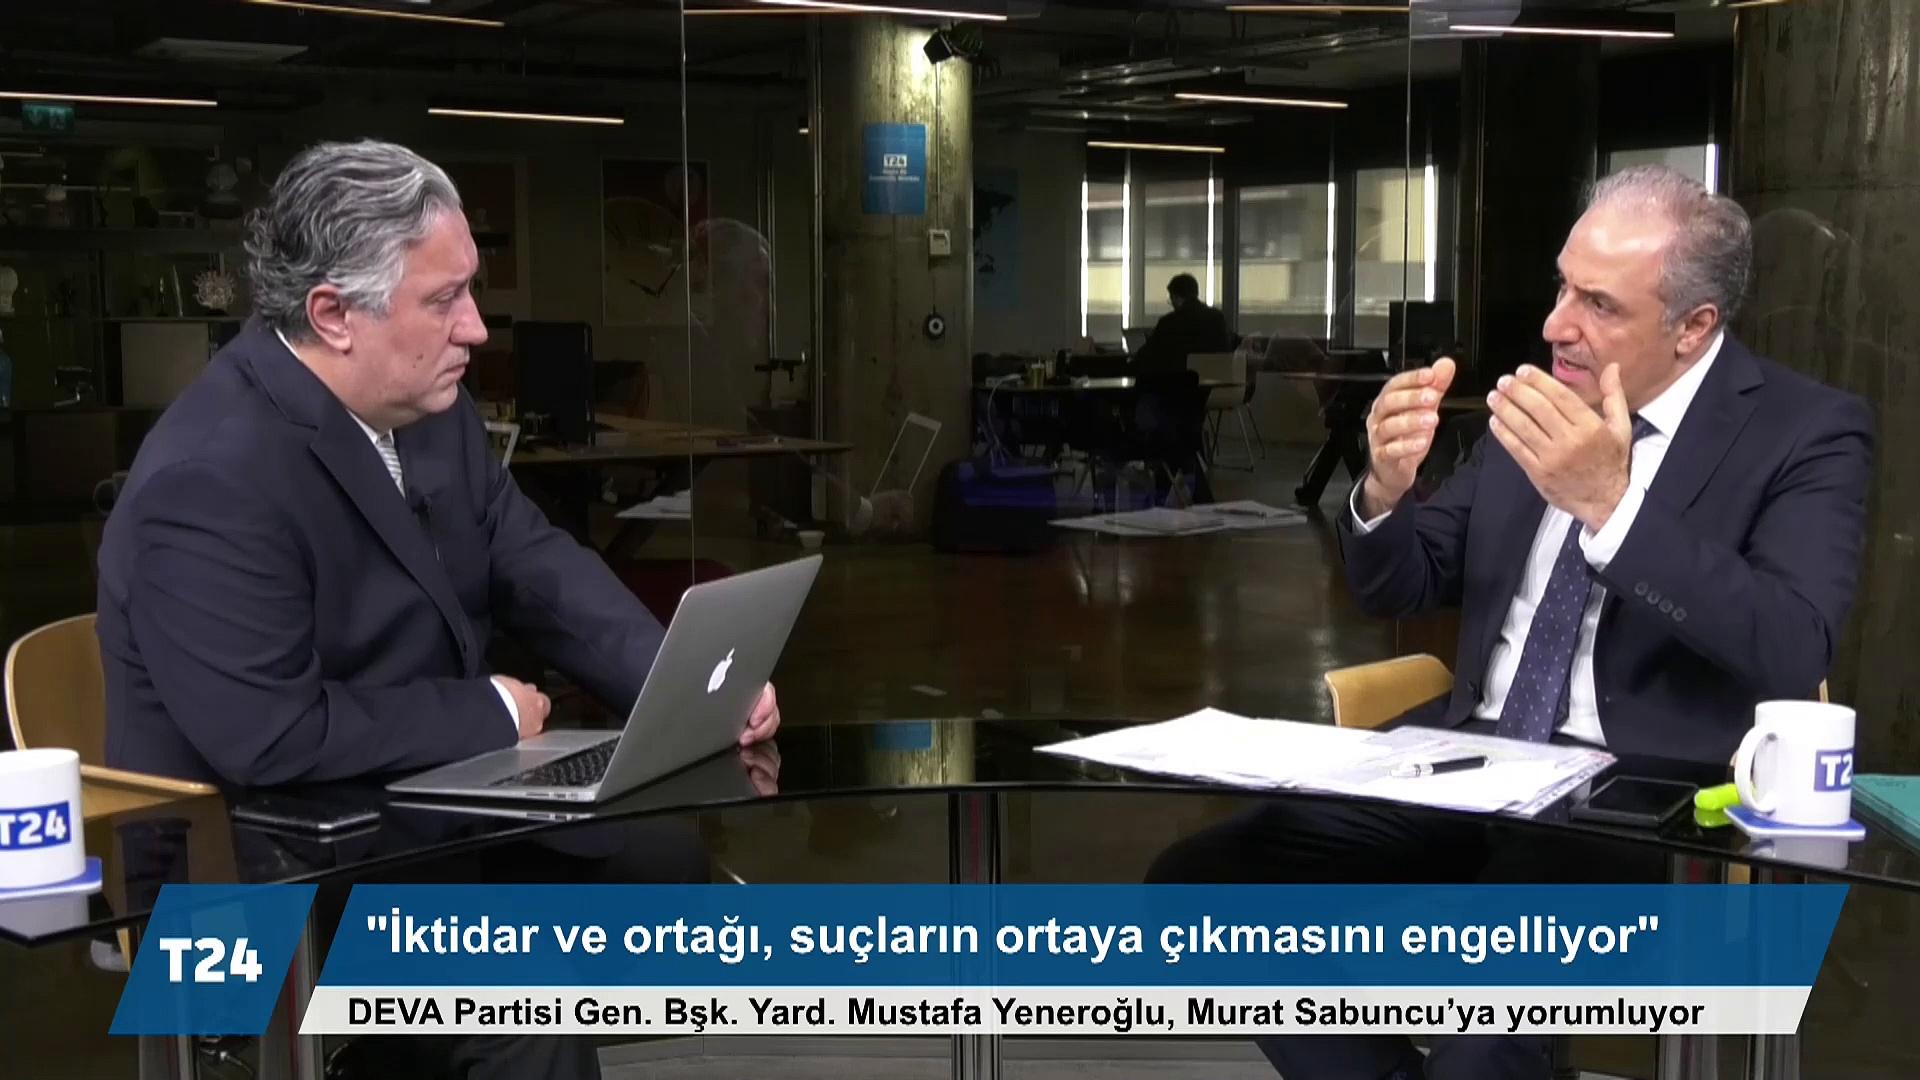 DEVA Partili Yeneroğlu: HDP'ye saldıran kişinin zihin dünyasına baktığımız zaman Hrant Dink'i öldüren kişi ile bu kişi arasında ortak noktalar var